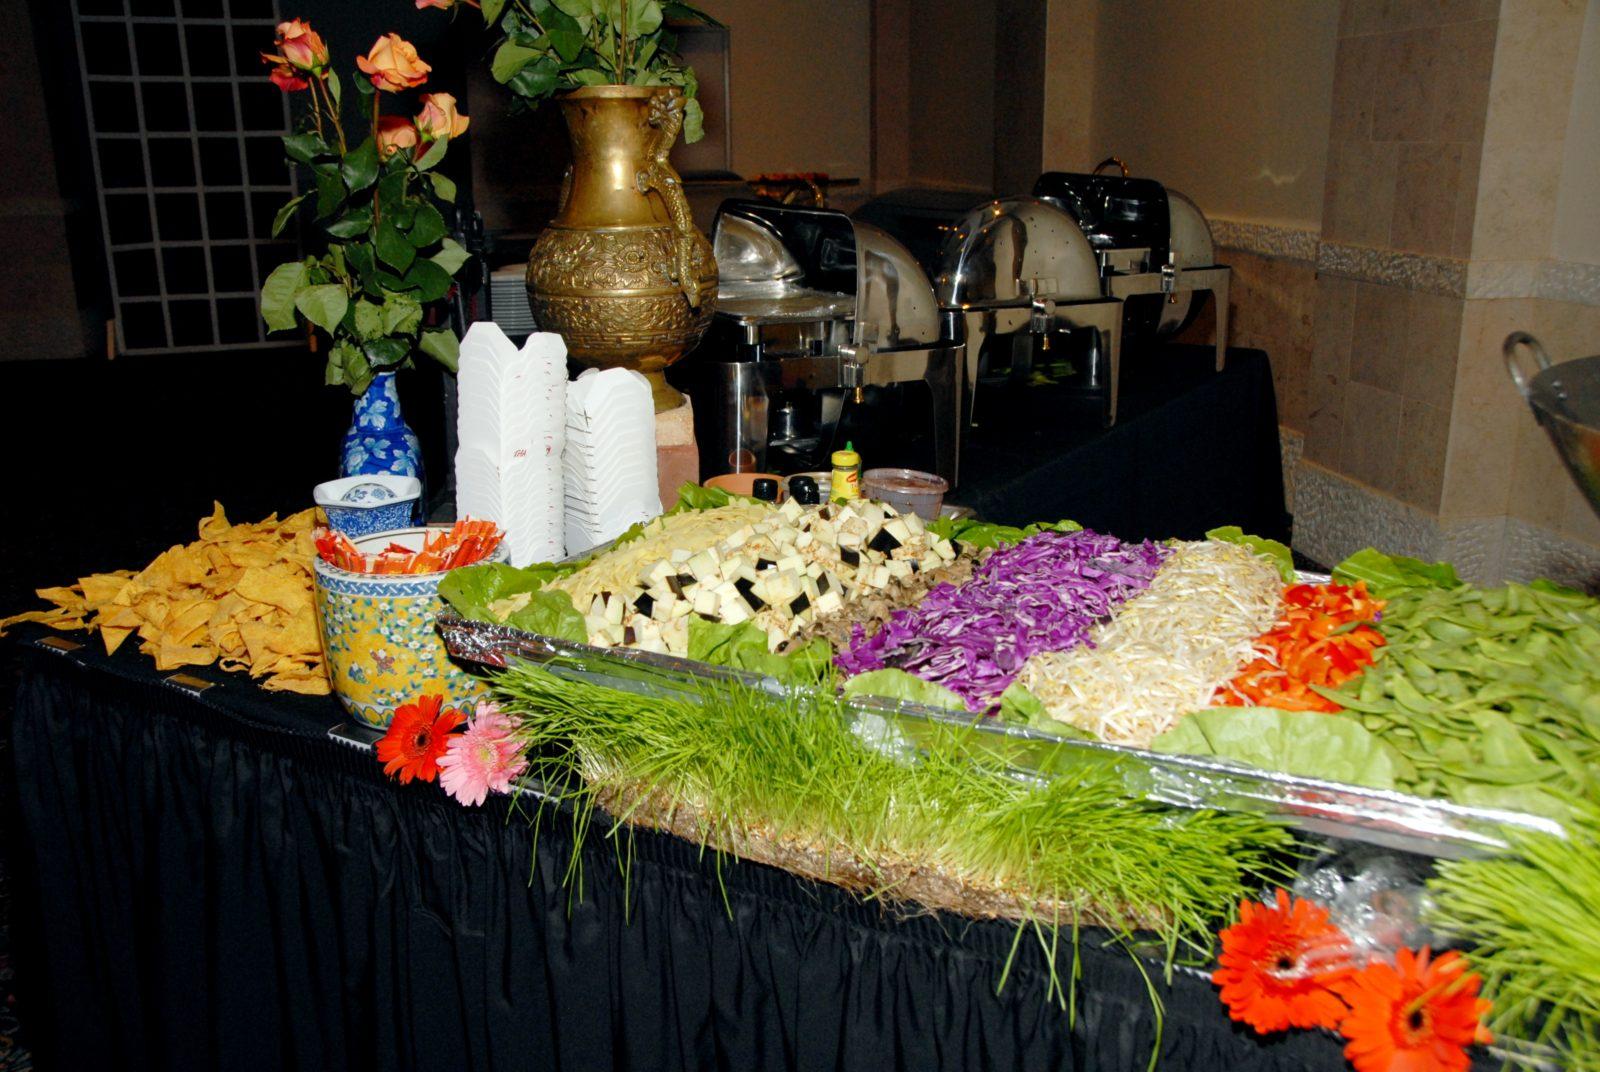 bat-mitzvah-food-display-2